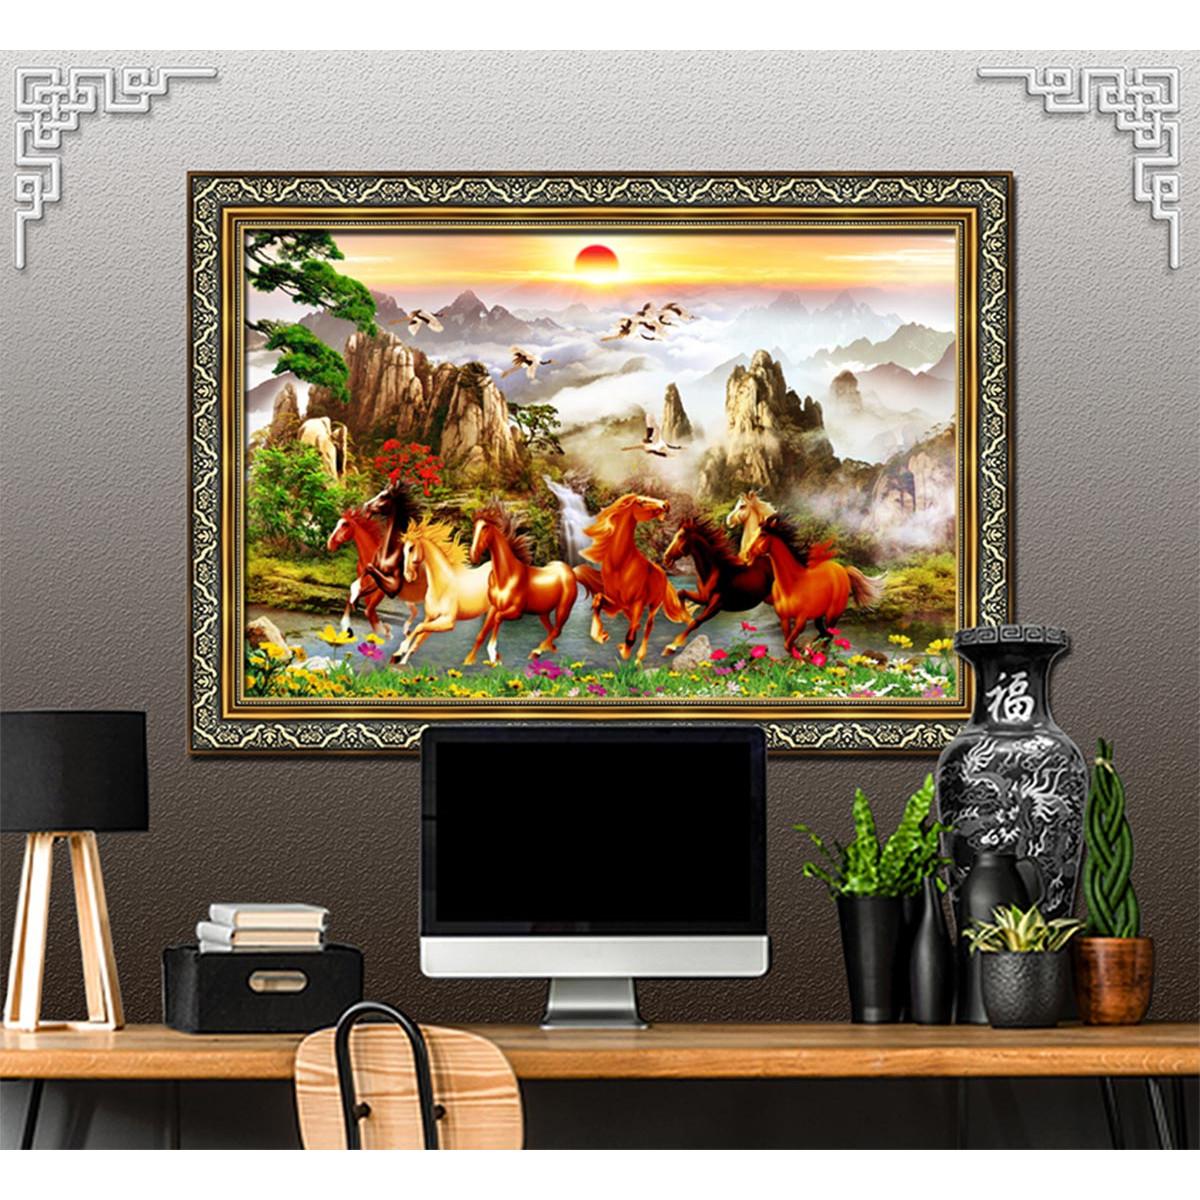 Bức tranh ngựa BÁT MÃ -  MÃ ĐÁO THÀNH CÔNG 2 lựa chọn chất liệu in vải lụa hoặc trên giấy ảnh bề mặt PVC gương: 20071527L8